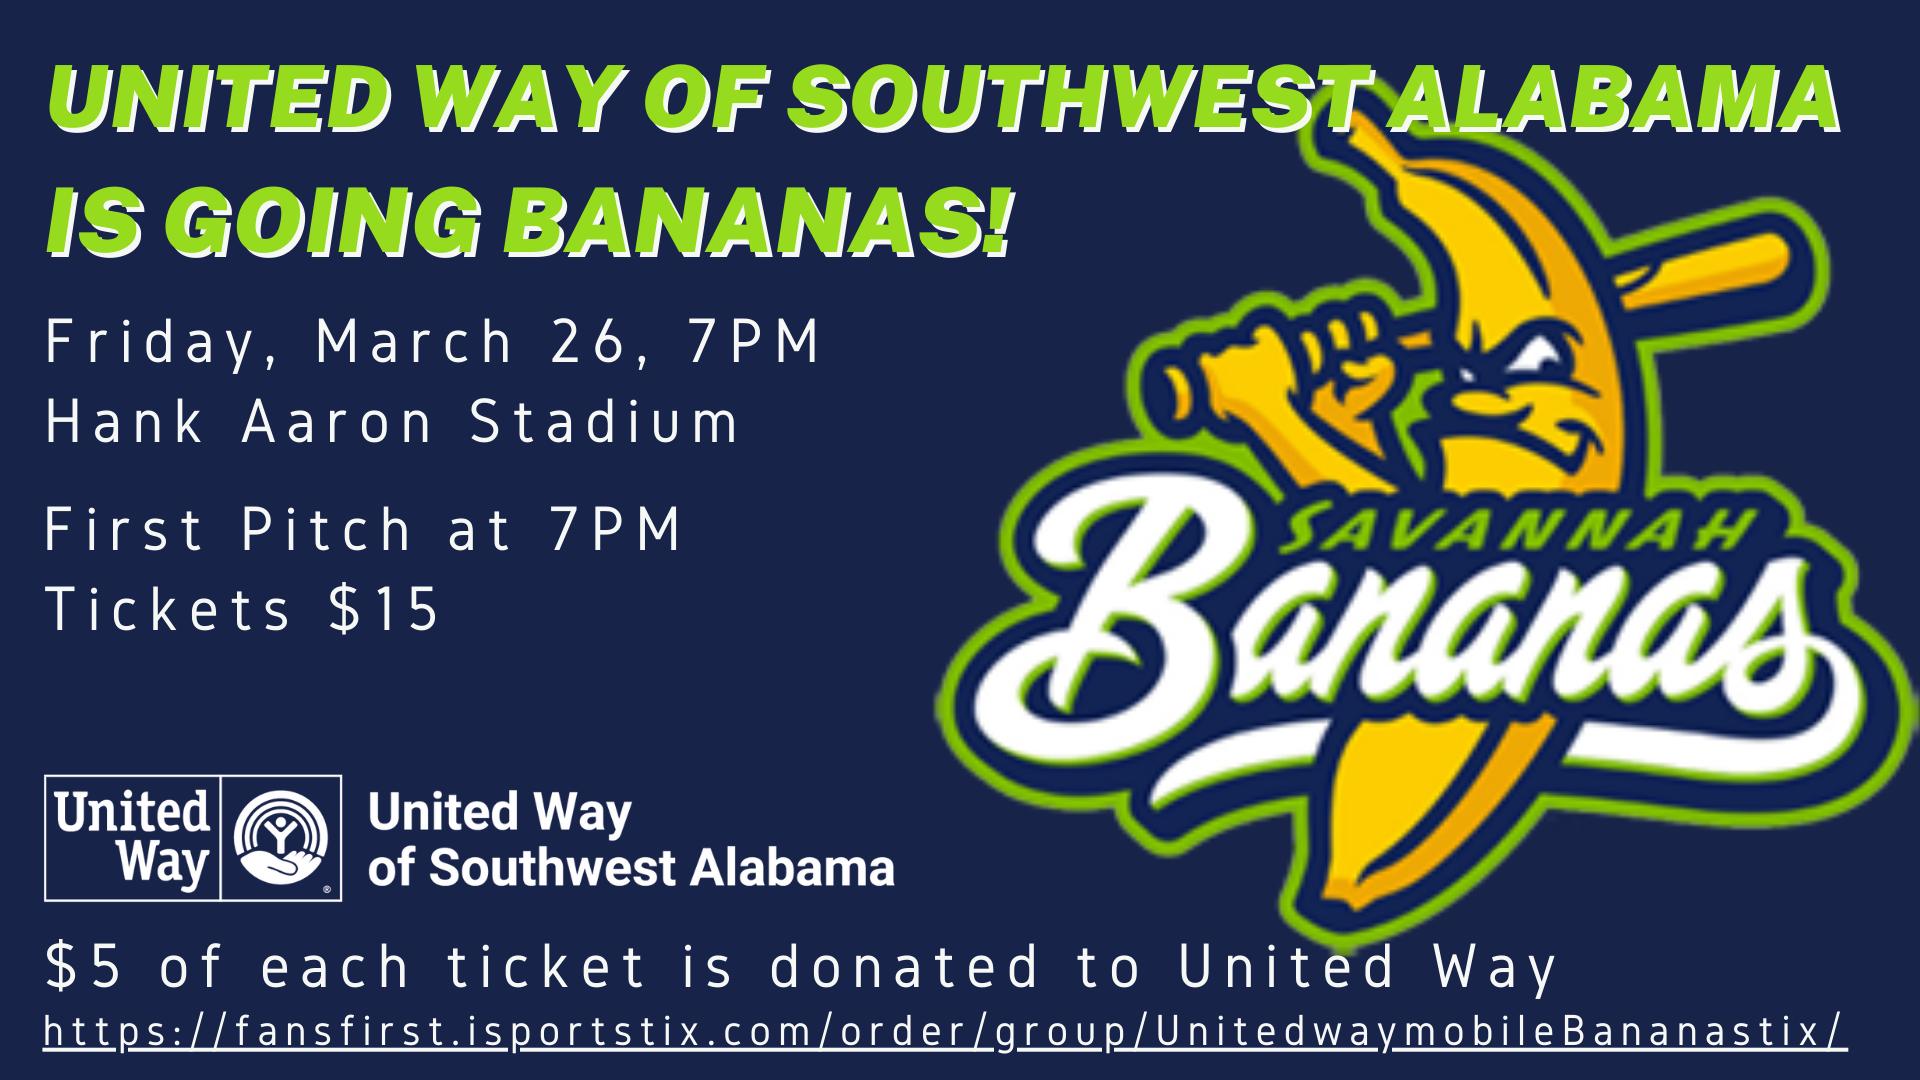 United Way Night with the Savannah Bananas